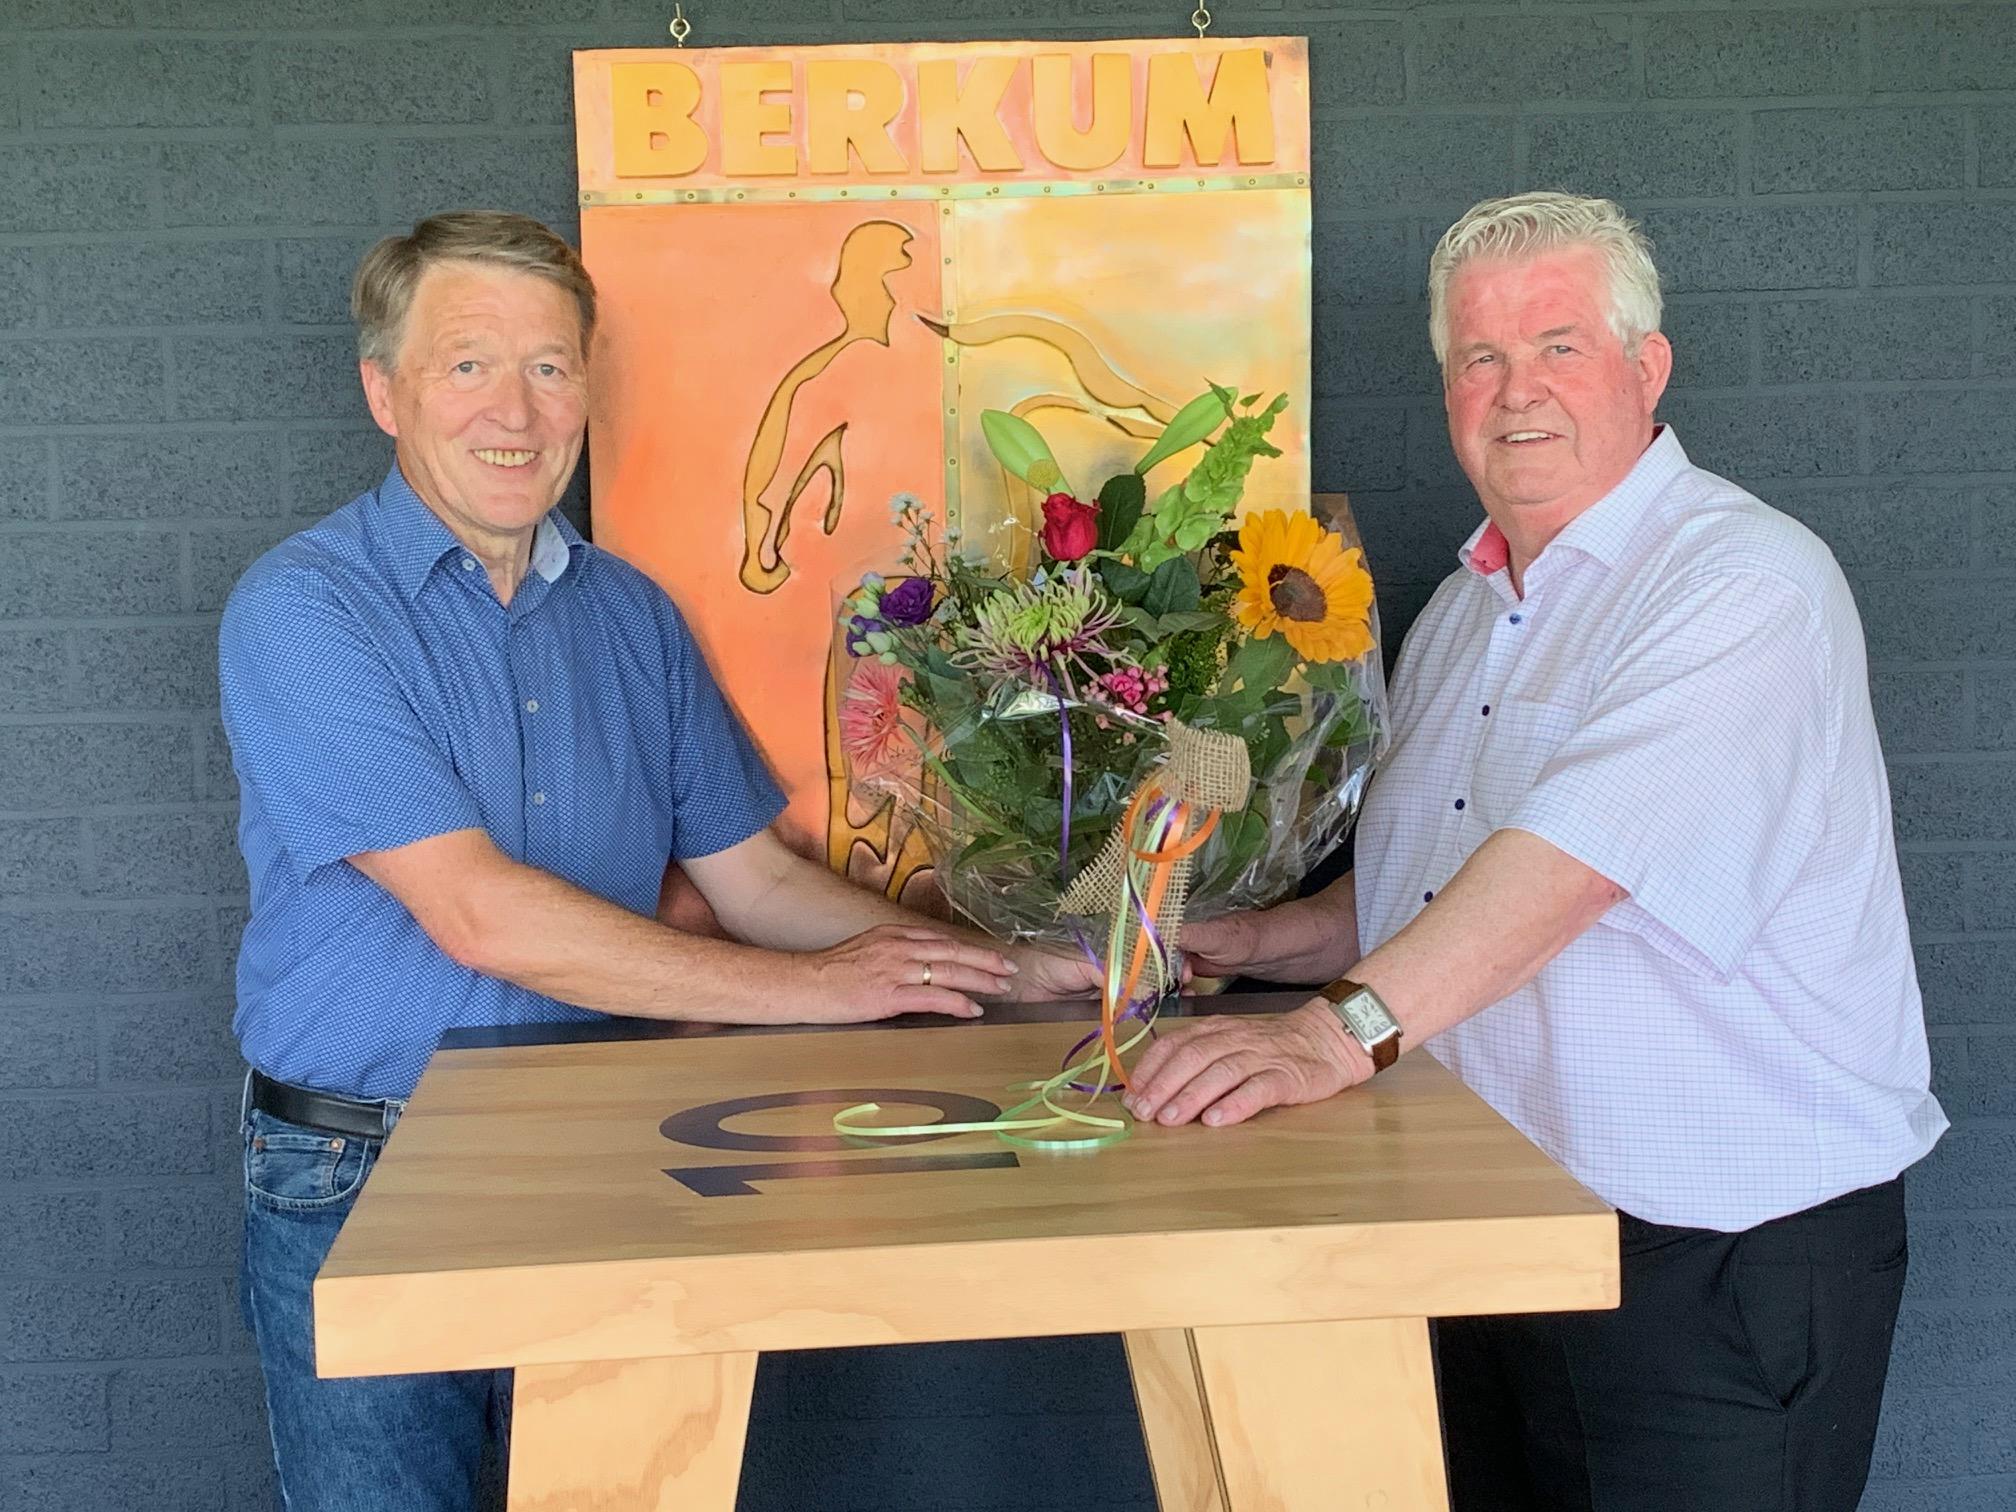 Twentrac 25 jaar sponsor van Berkum